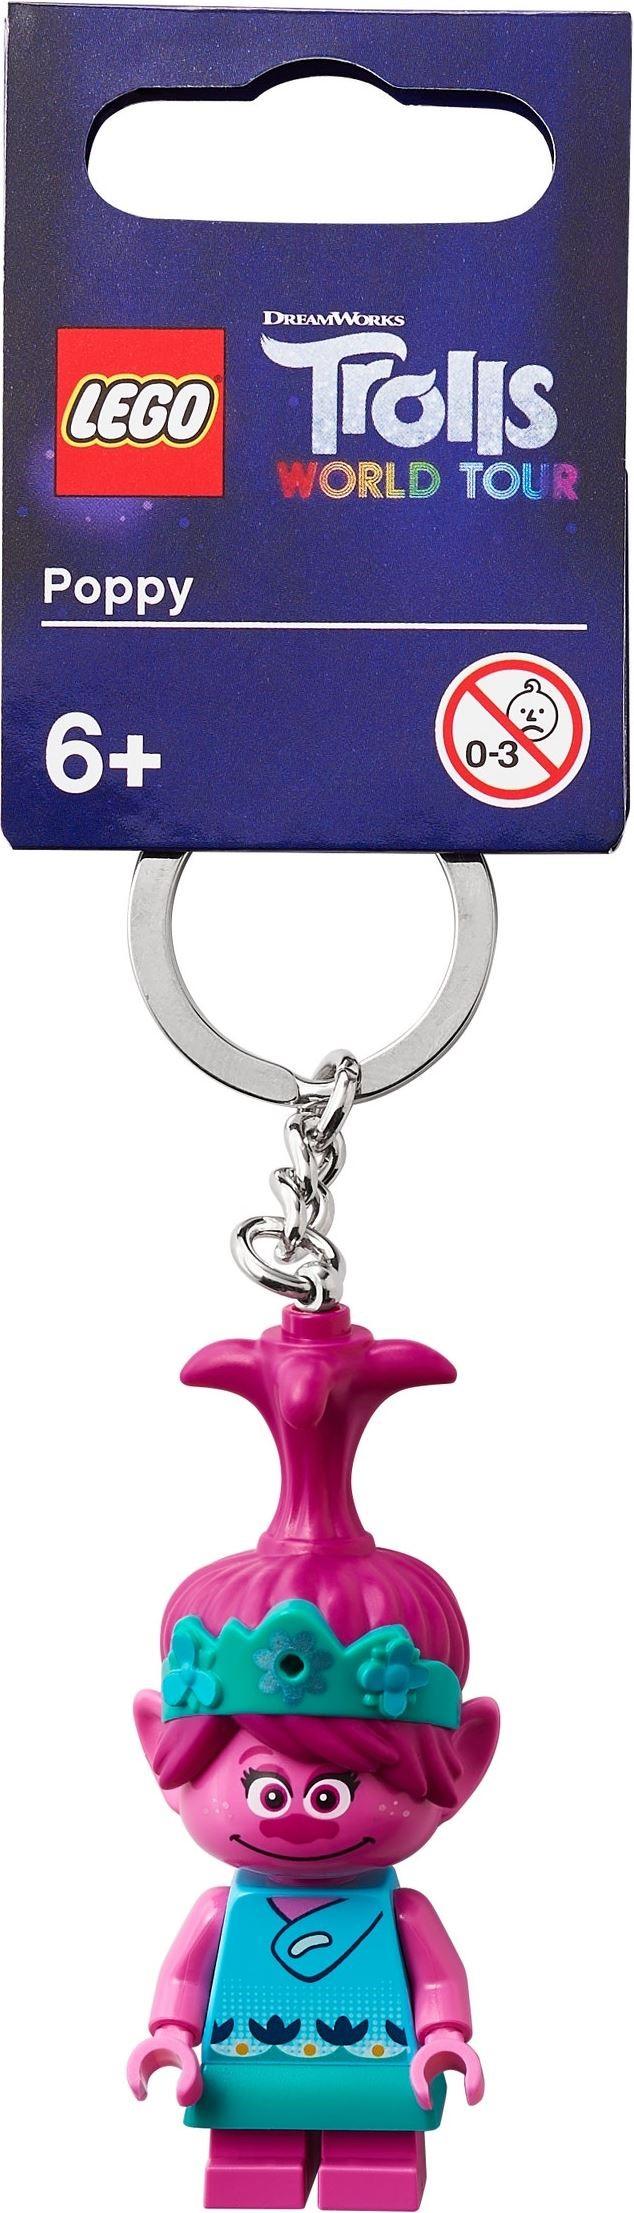 854003 Poppy Key Chain